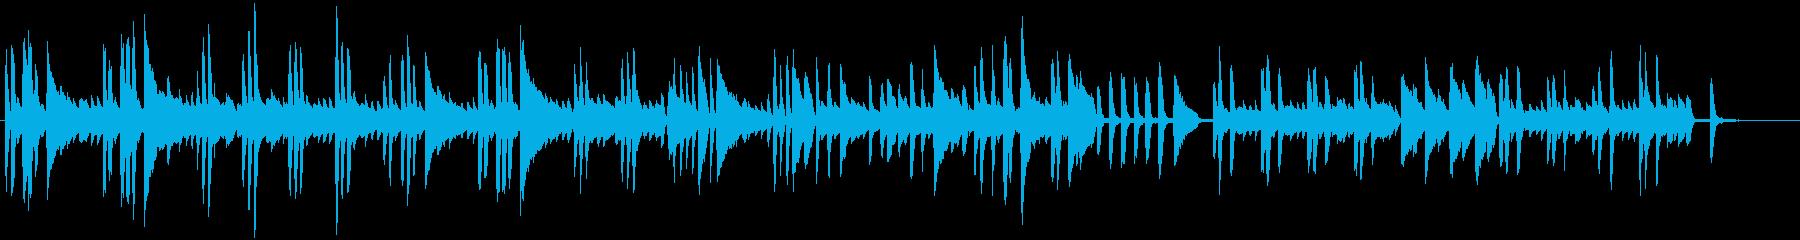 リズミカルなピアノBGMの再生済みの波形